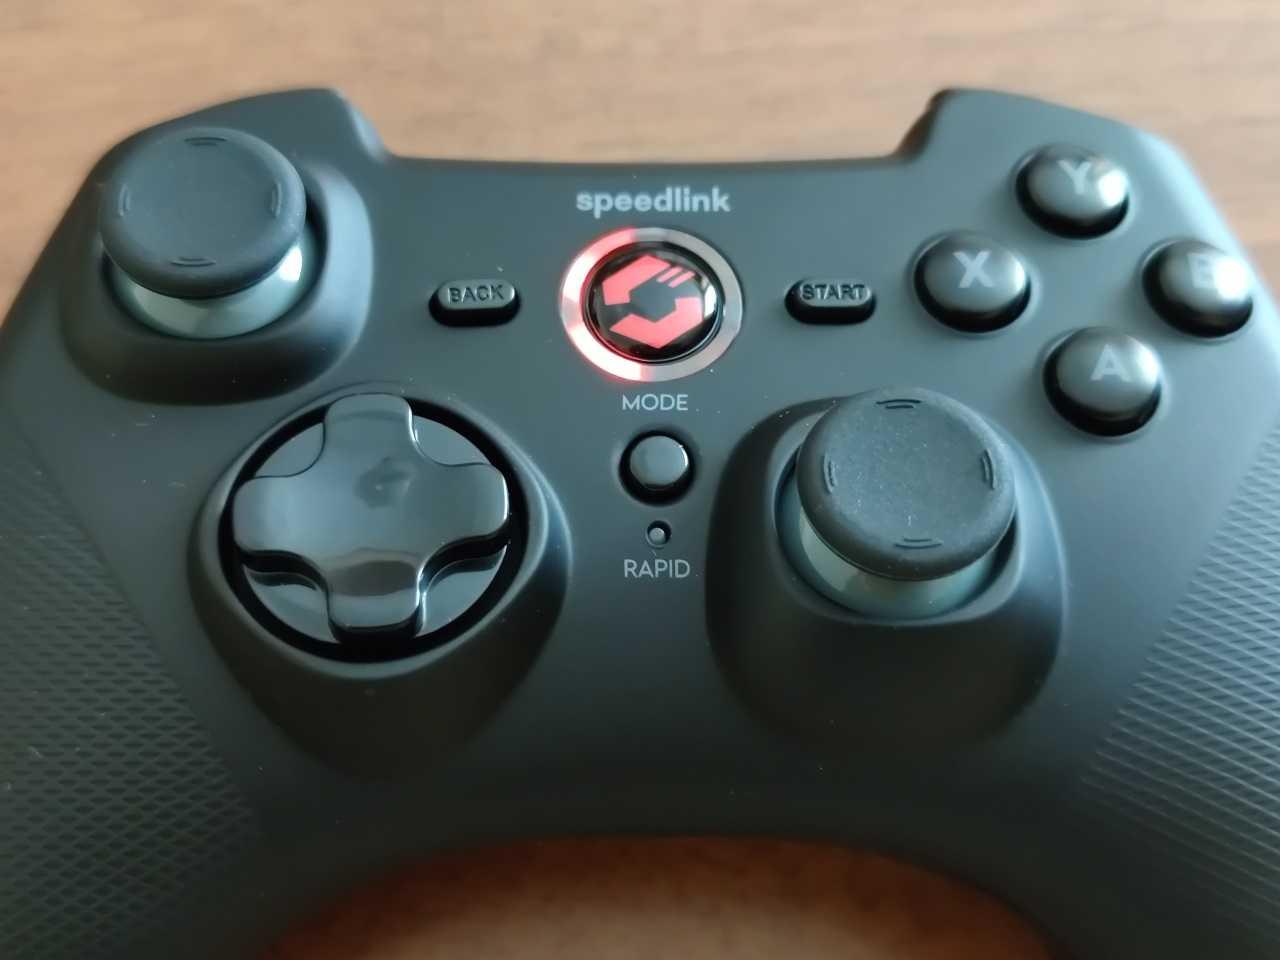 Recensione Speedlink RAID Wireless Gamepad